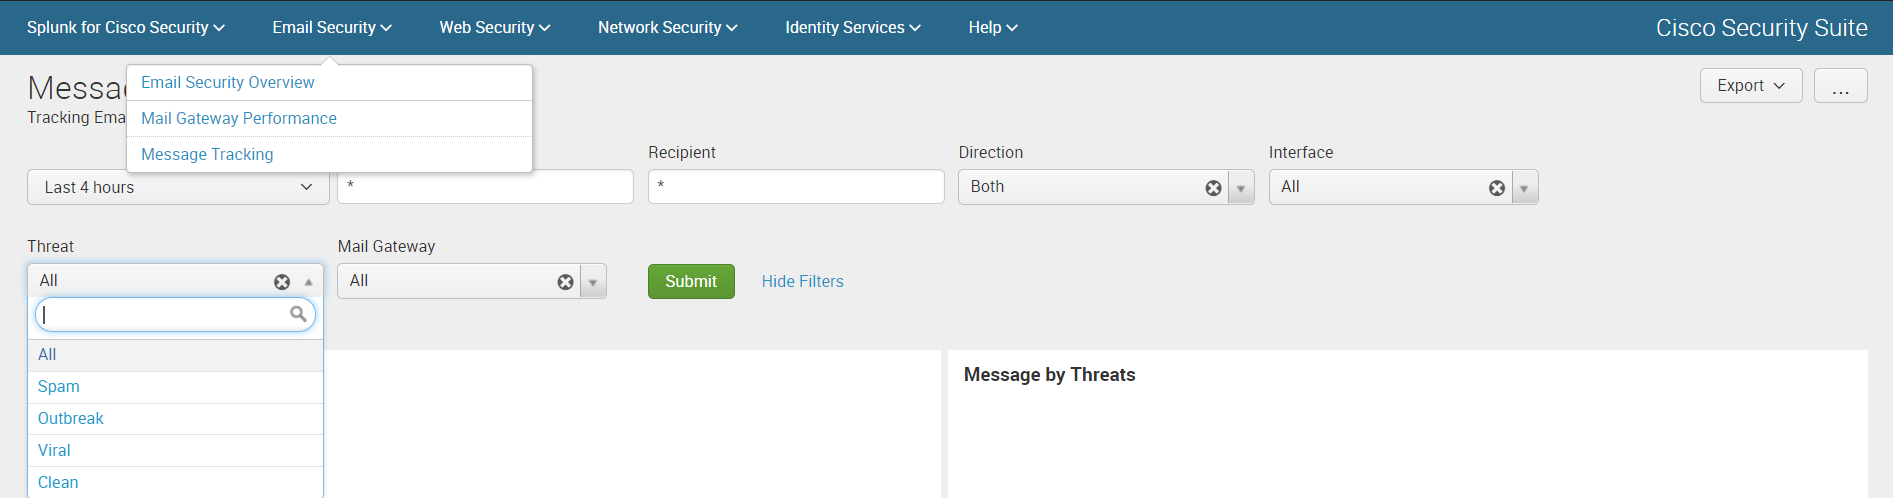 Анализ логов Cisco устройств c помощью Splunk Cisco Security Suite - 5